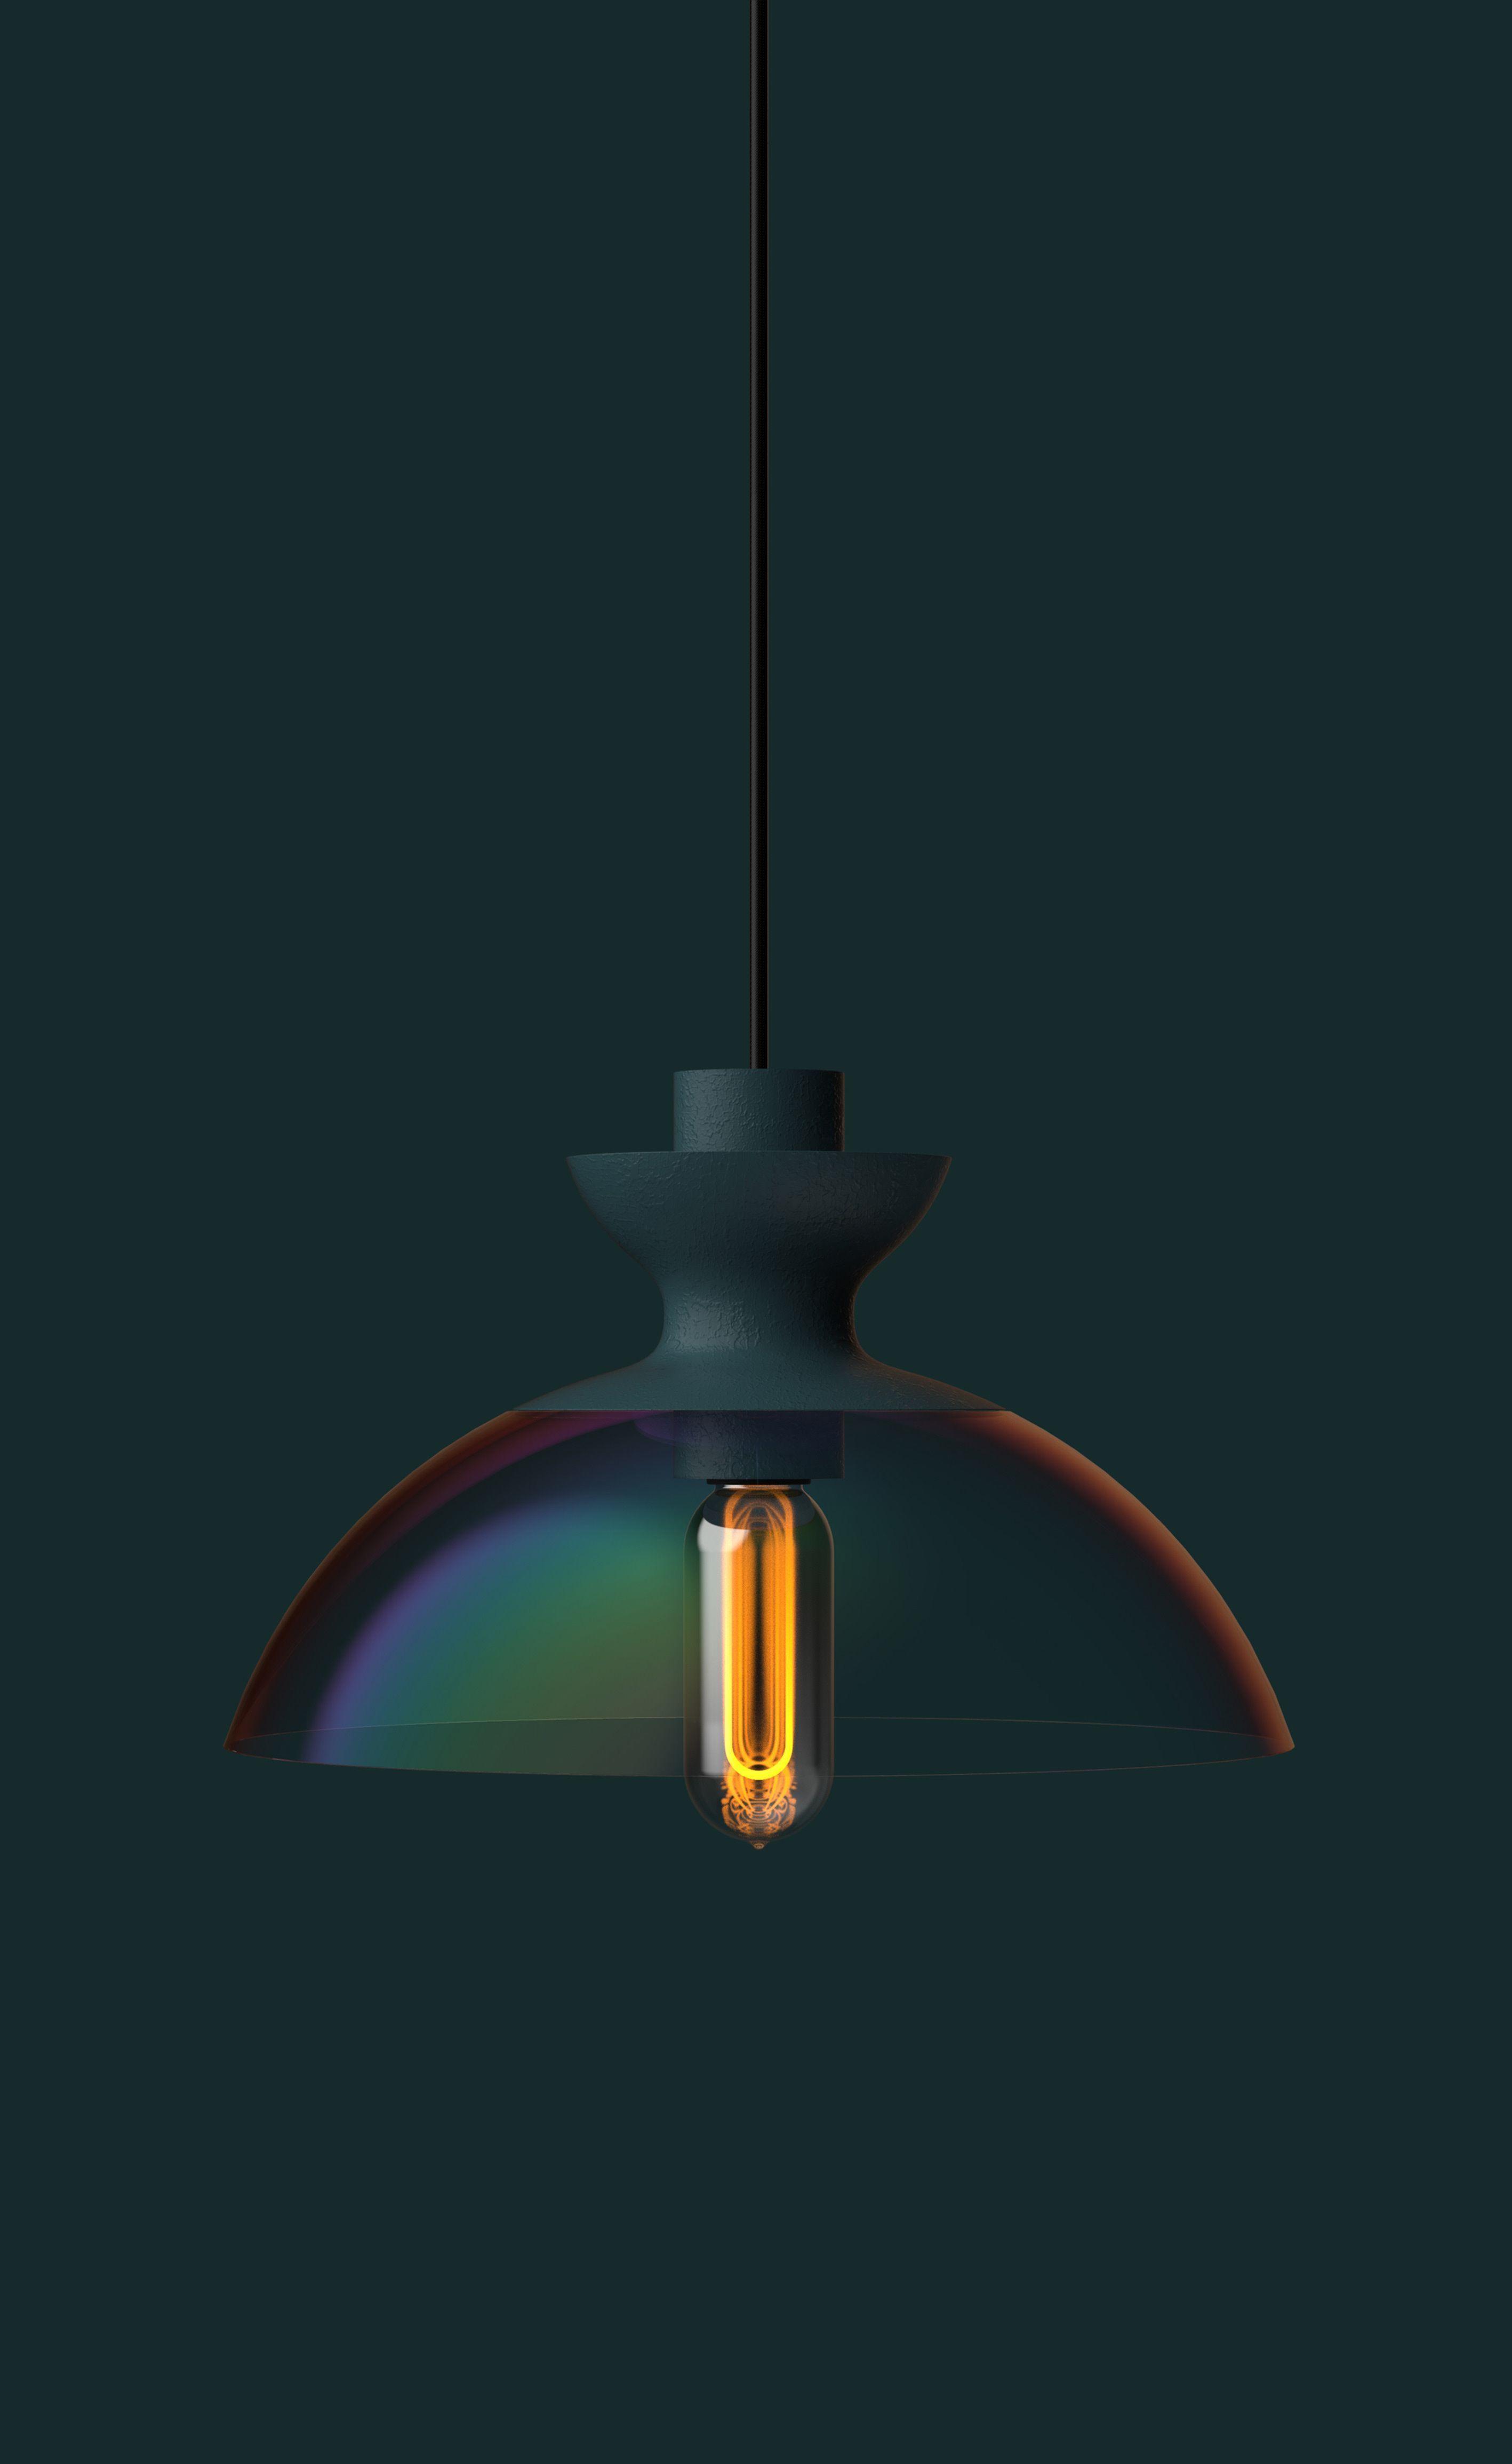 Lighting Design Lighting Lamp Design Lamp Inspiration Objects